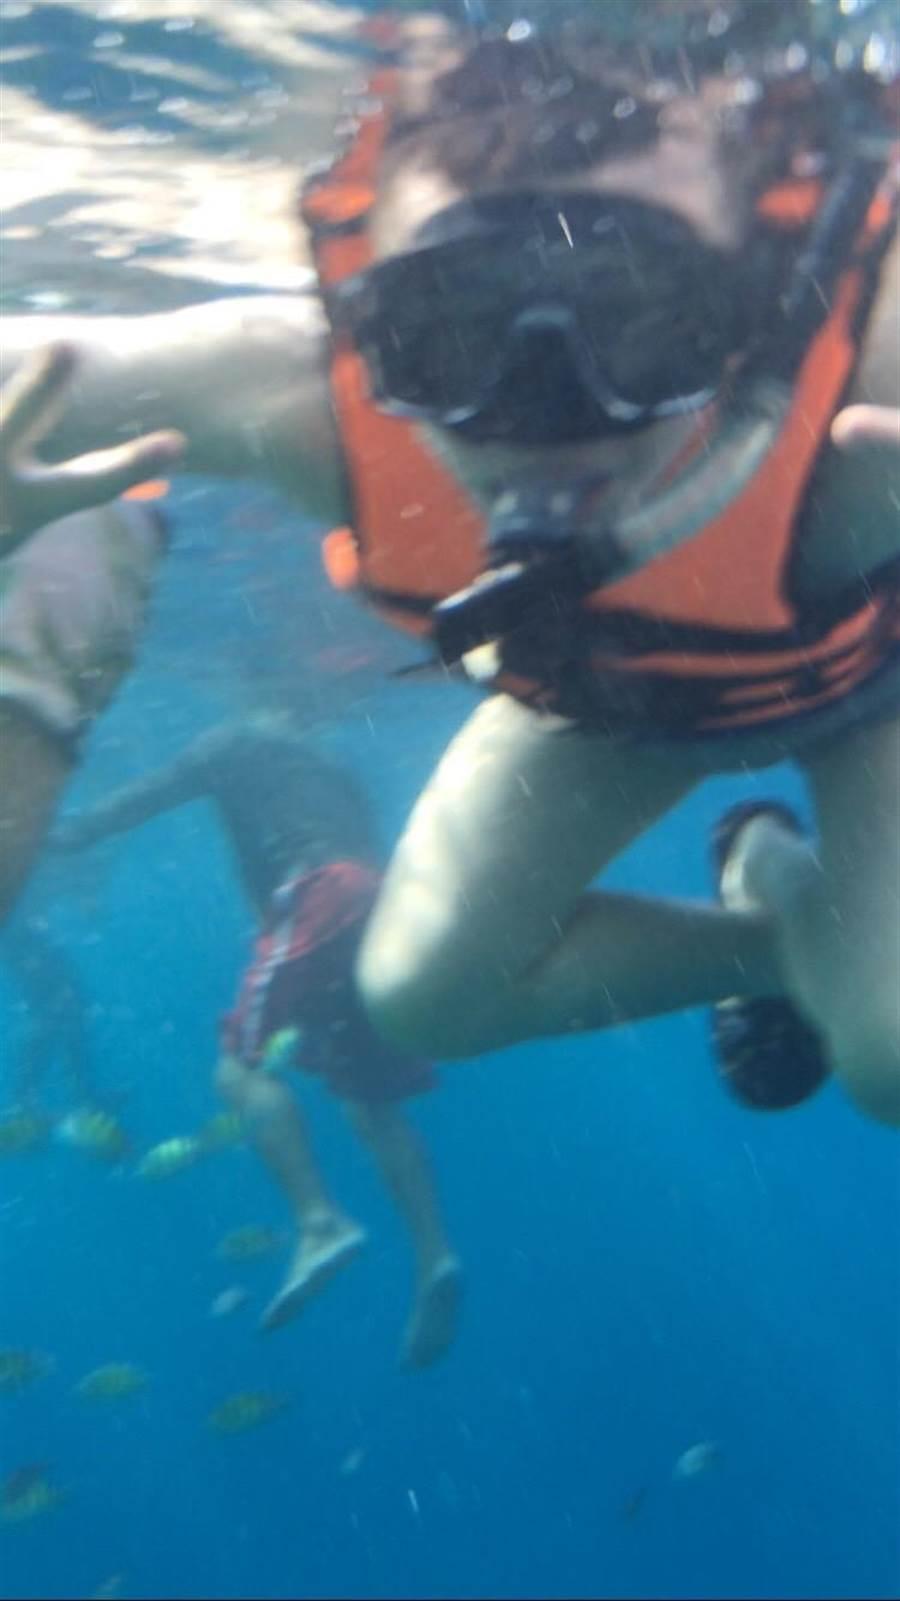 國人潛水往往習慣拿食物吸引魚群,但要注意,在泰國可是非常嚴重的違法行為。(林承彥 攝)